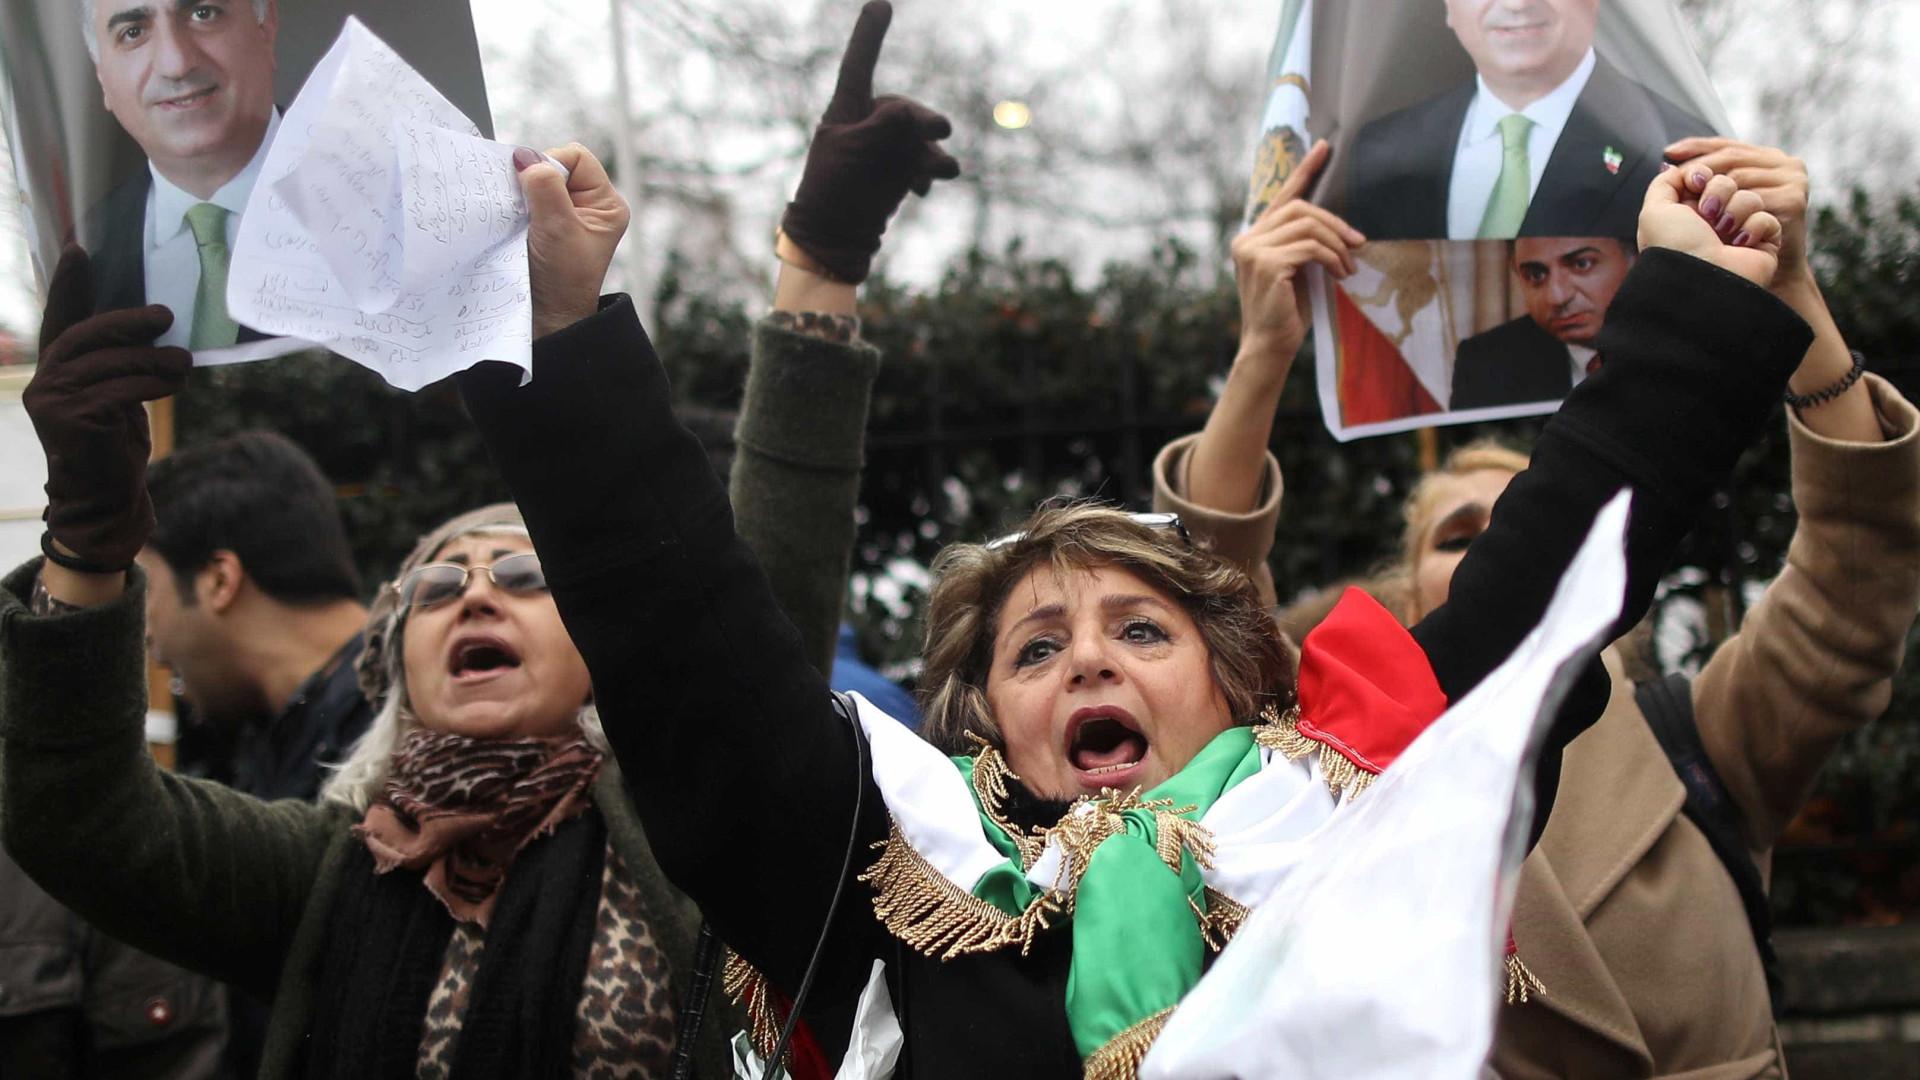 Protestos contra Governo no Irão causaram 25 mortes